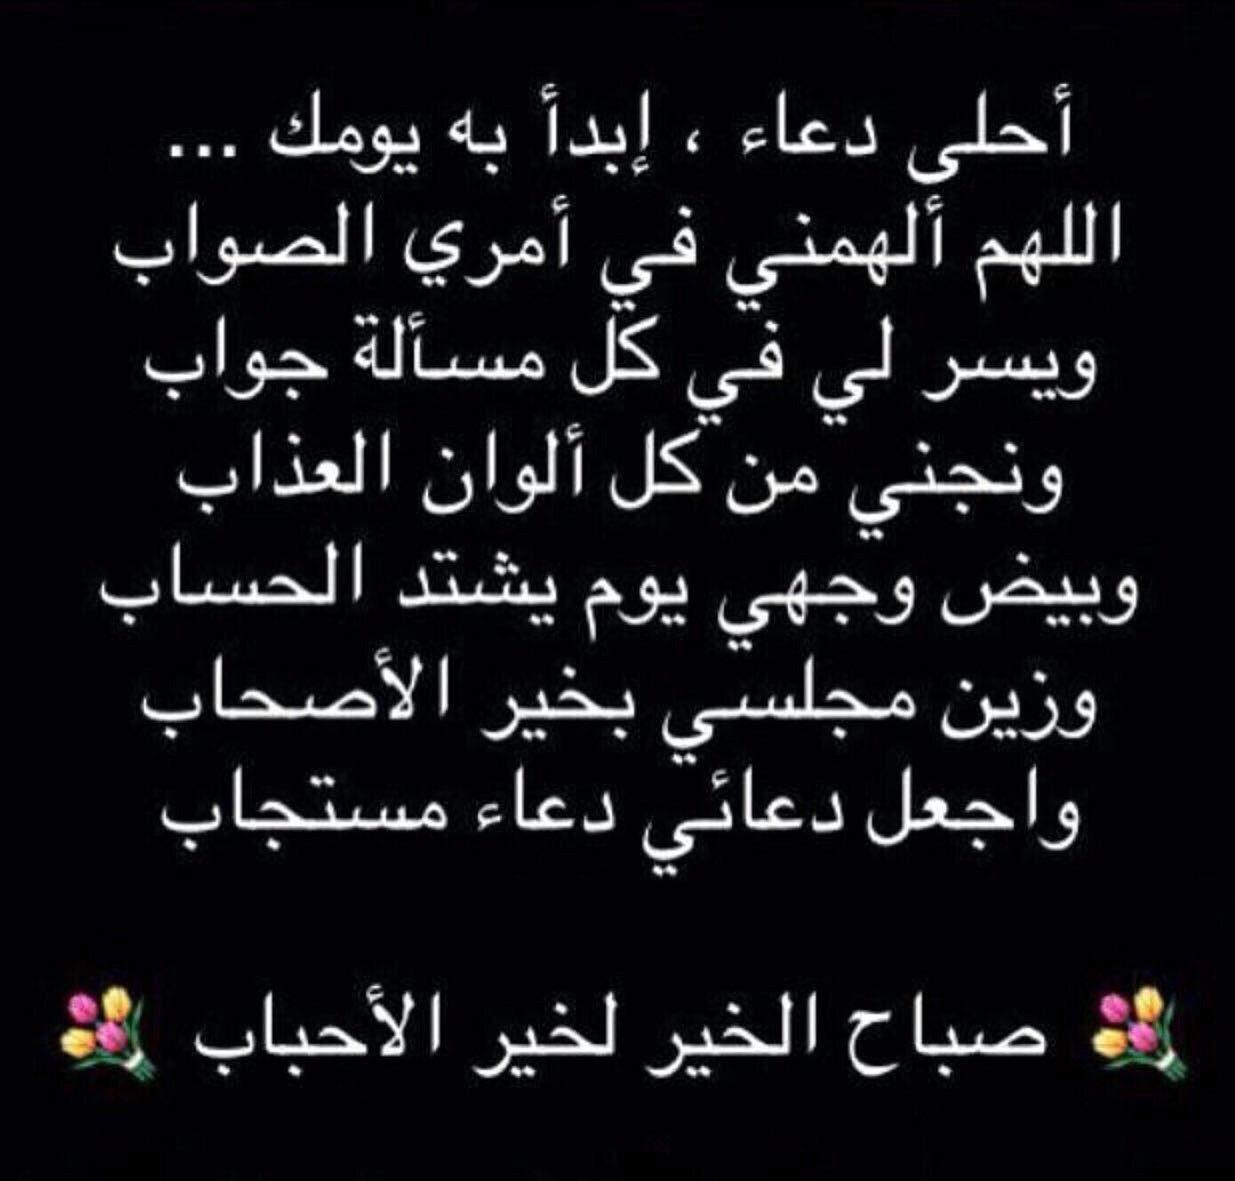 دعاء للاصدقاء دعاء ل صديق عزيز عليك Arabic Calligraphy Calligraphy Lockscreen